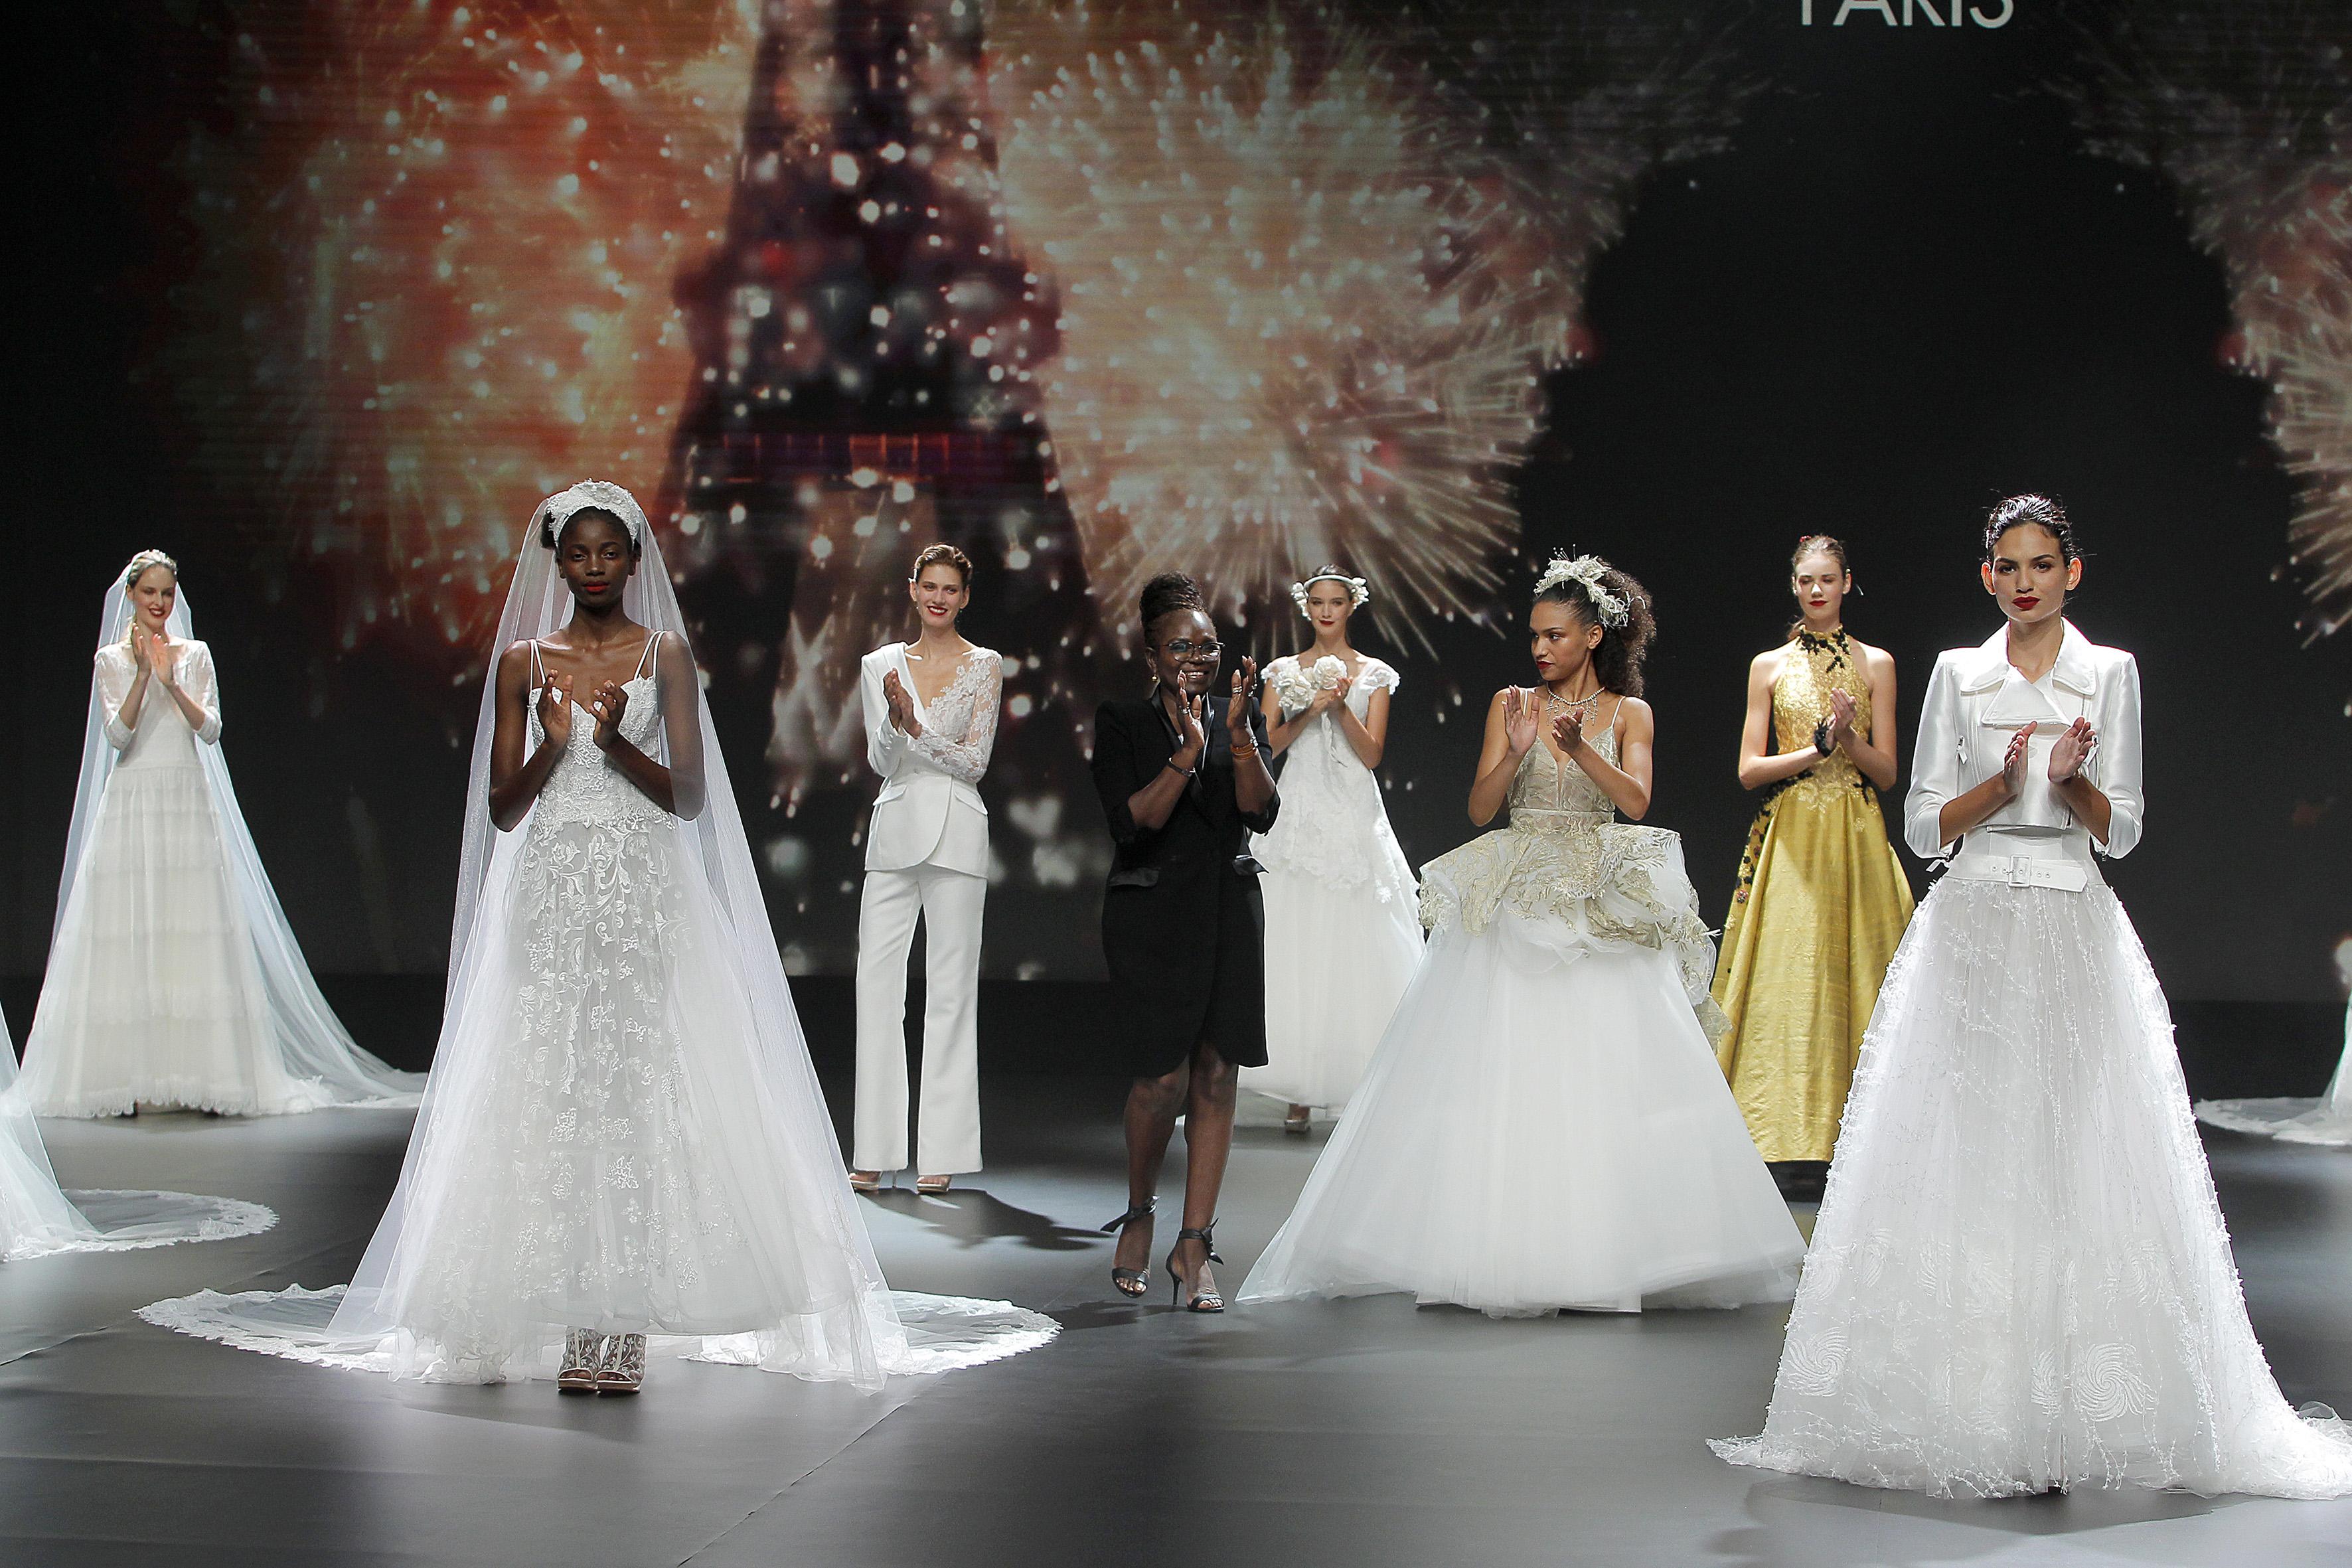 Desfile de Cymbeline Paris Couture en VBBFW20 experience Primavera Veranone_127.jpg